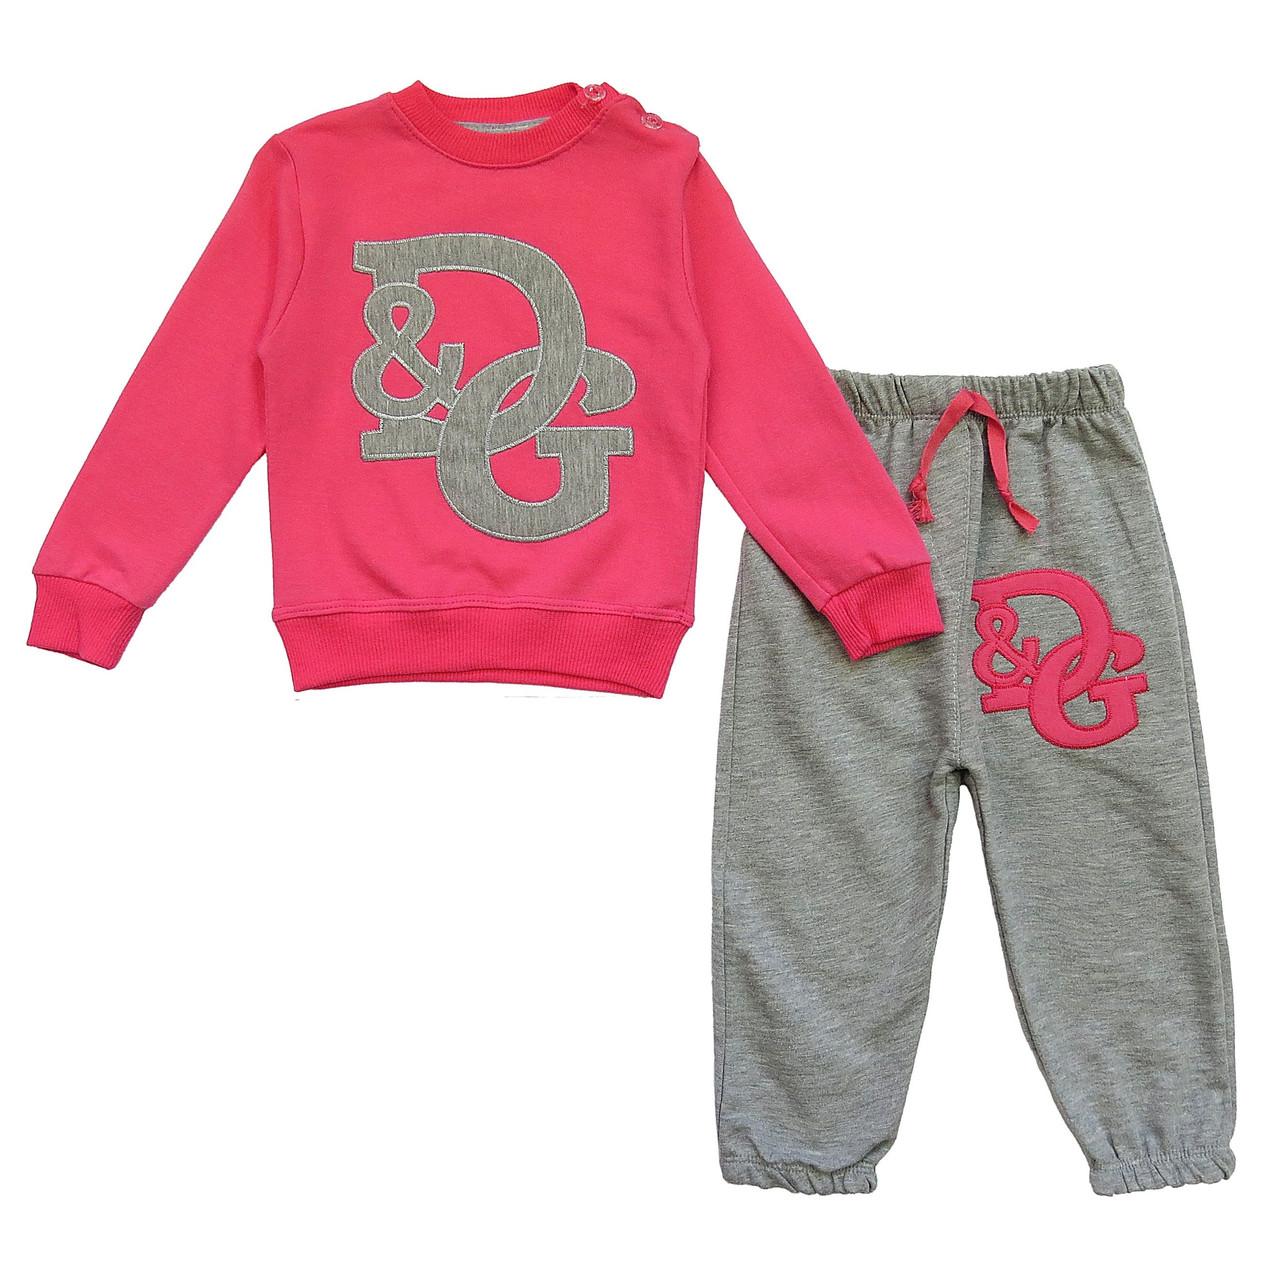 Спортивный костюм D&G для девочки. Маломерит. 1 год